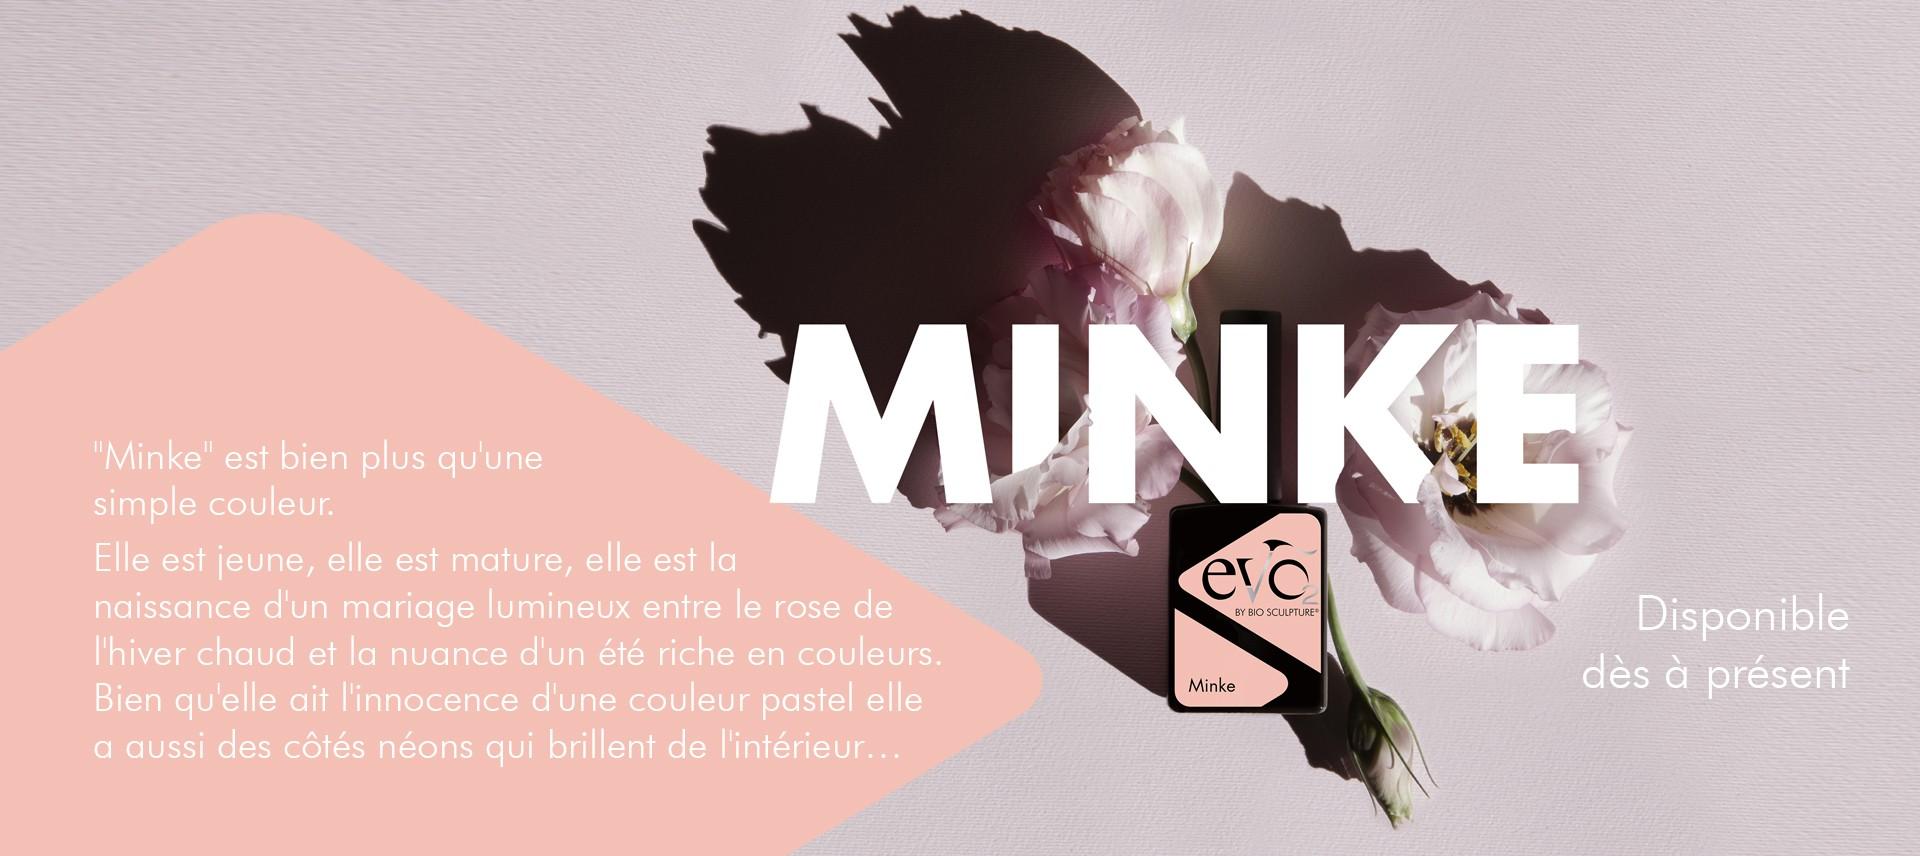 Minke Nouvelle couleur Evo